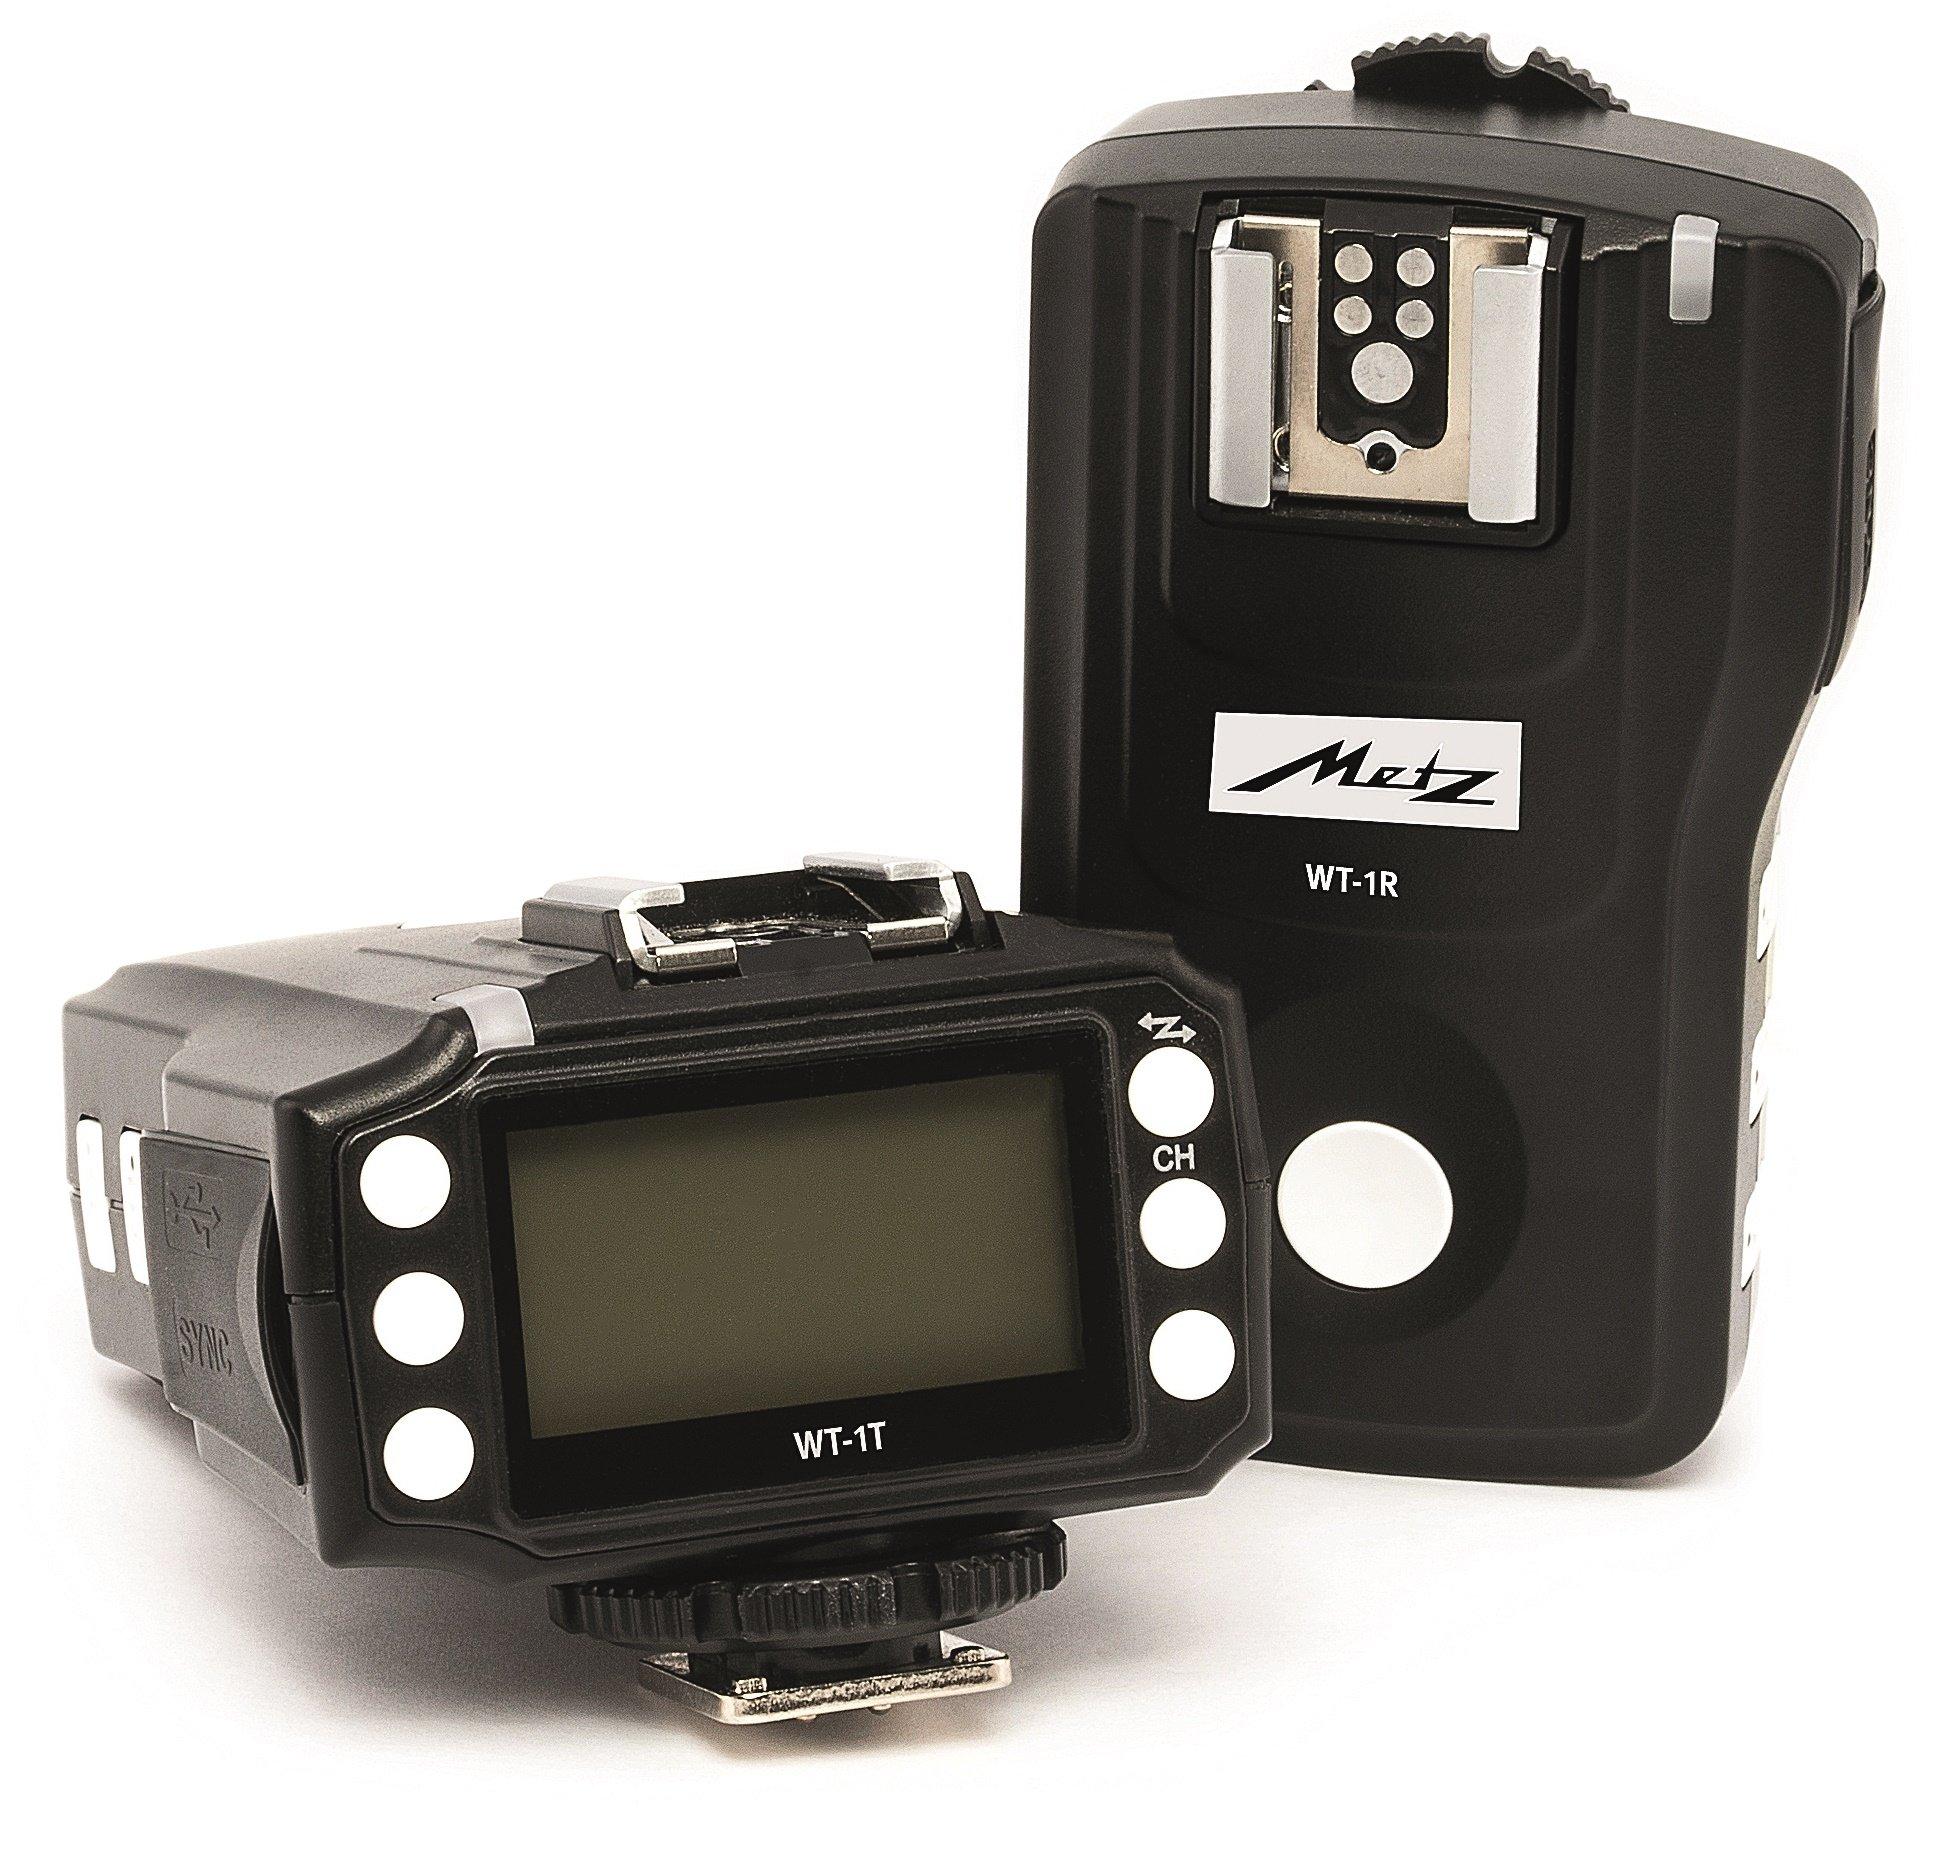 METZ WT-1 KIT rádiový odpalovač/přijímač blesku pro Canon E-TTL (set 1+1)